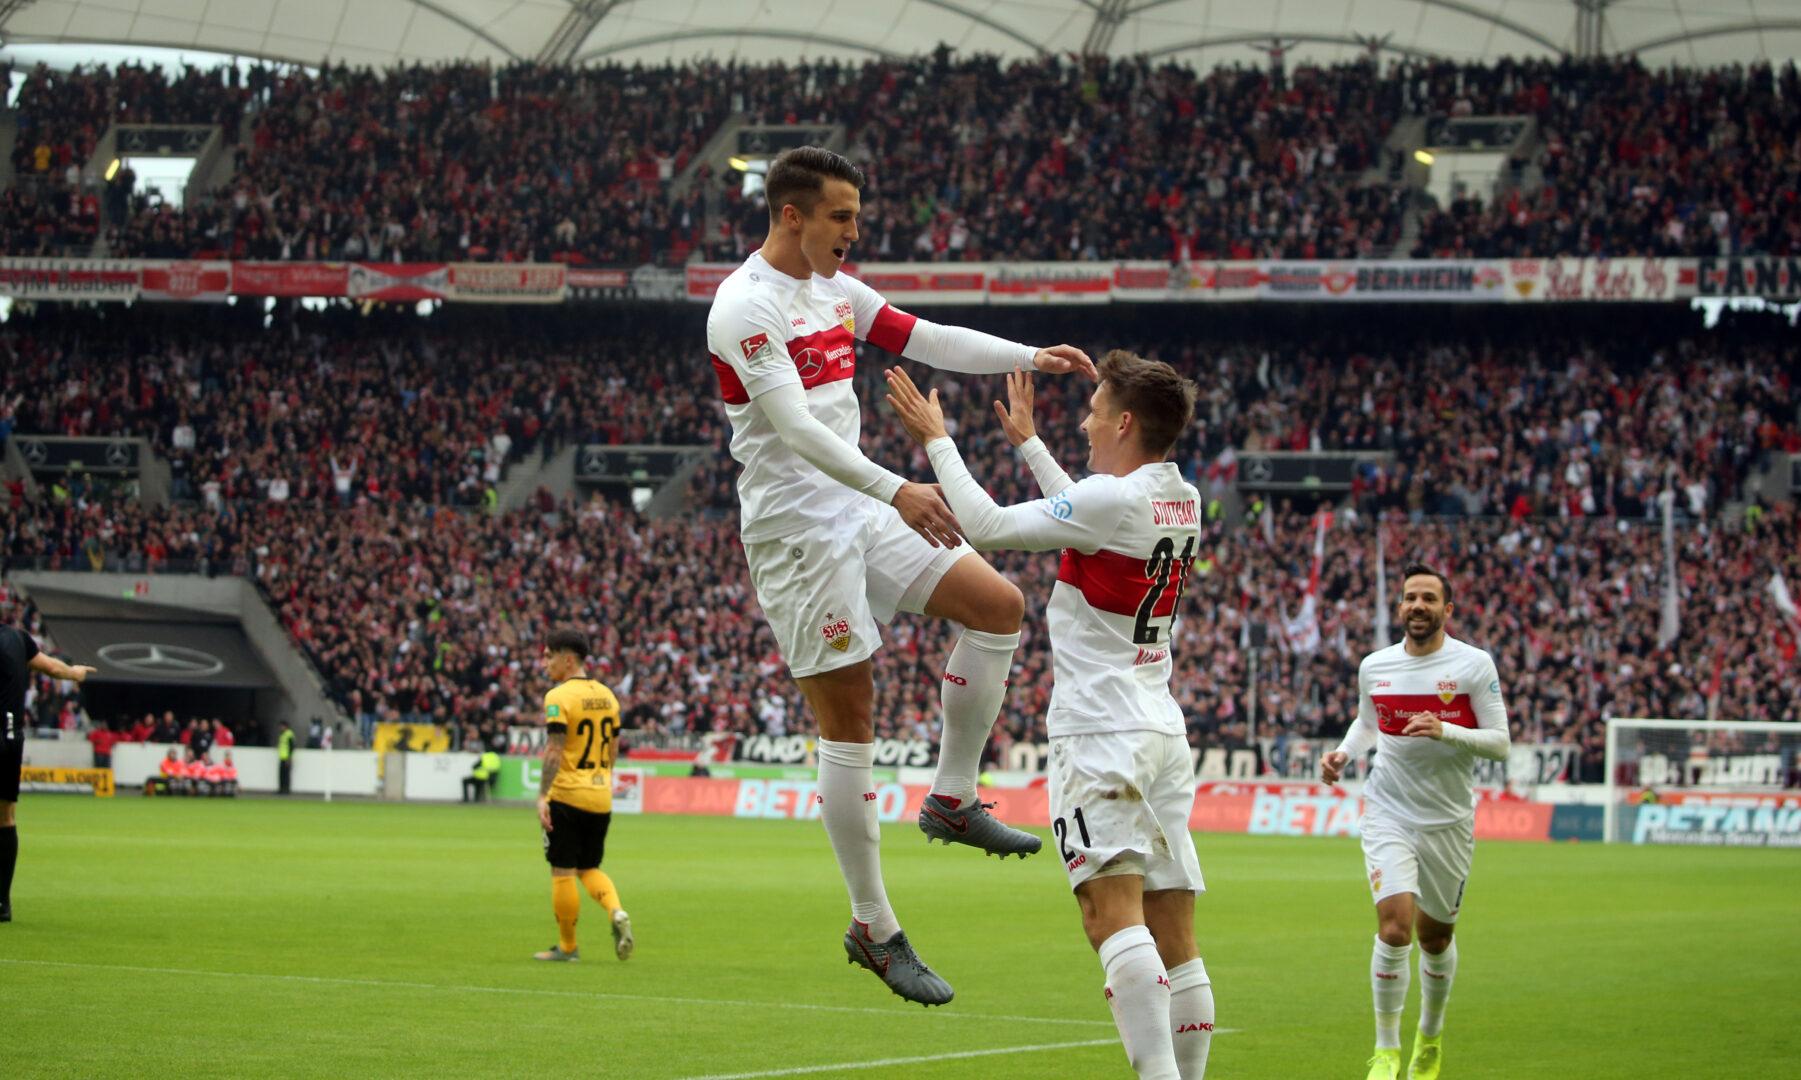 Stuttgart | Kempf, Thommy, Klement und drei weitere Spieler sollen gehen